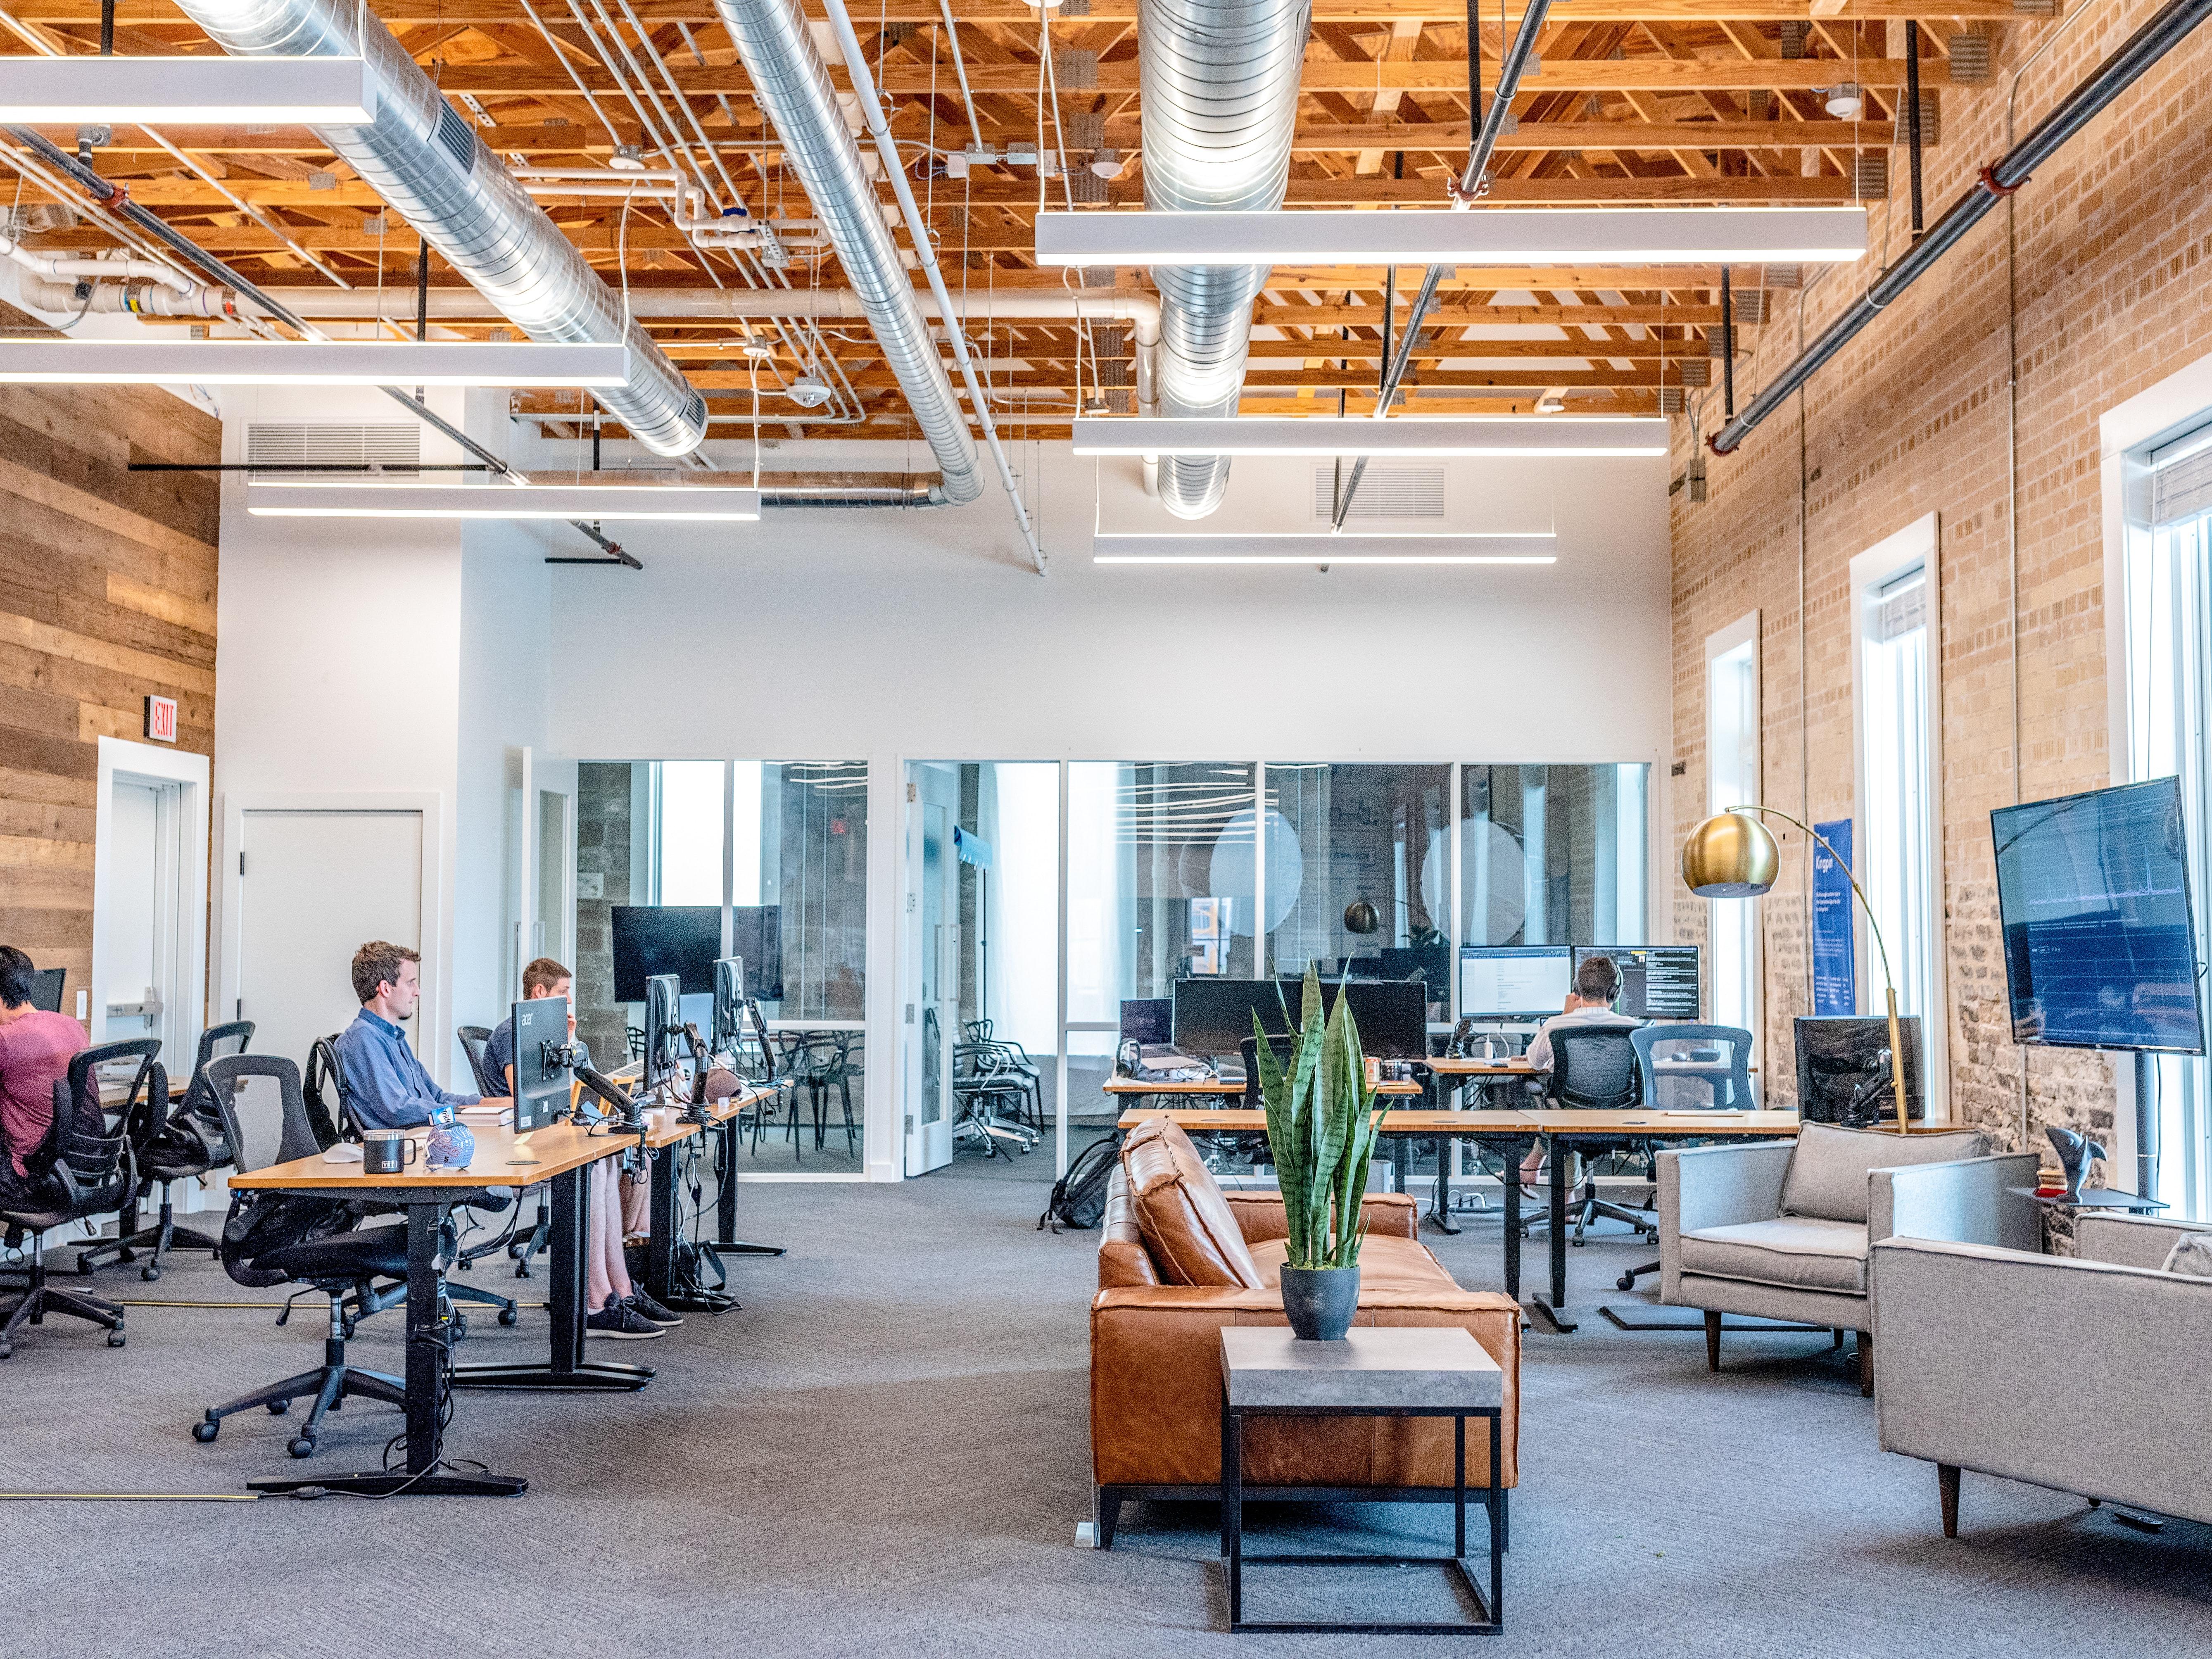 Digital Enterprise Management – Innovation Labs